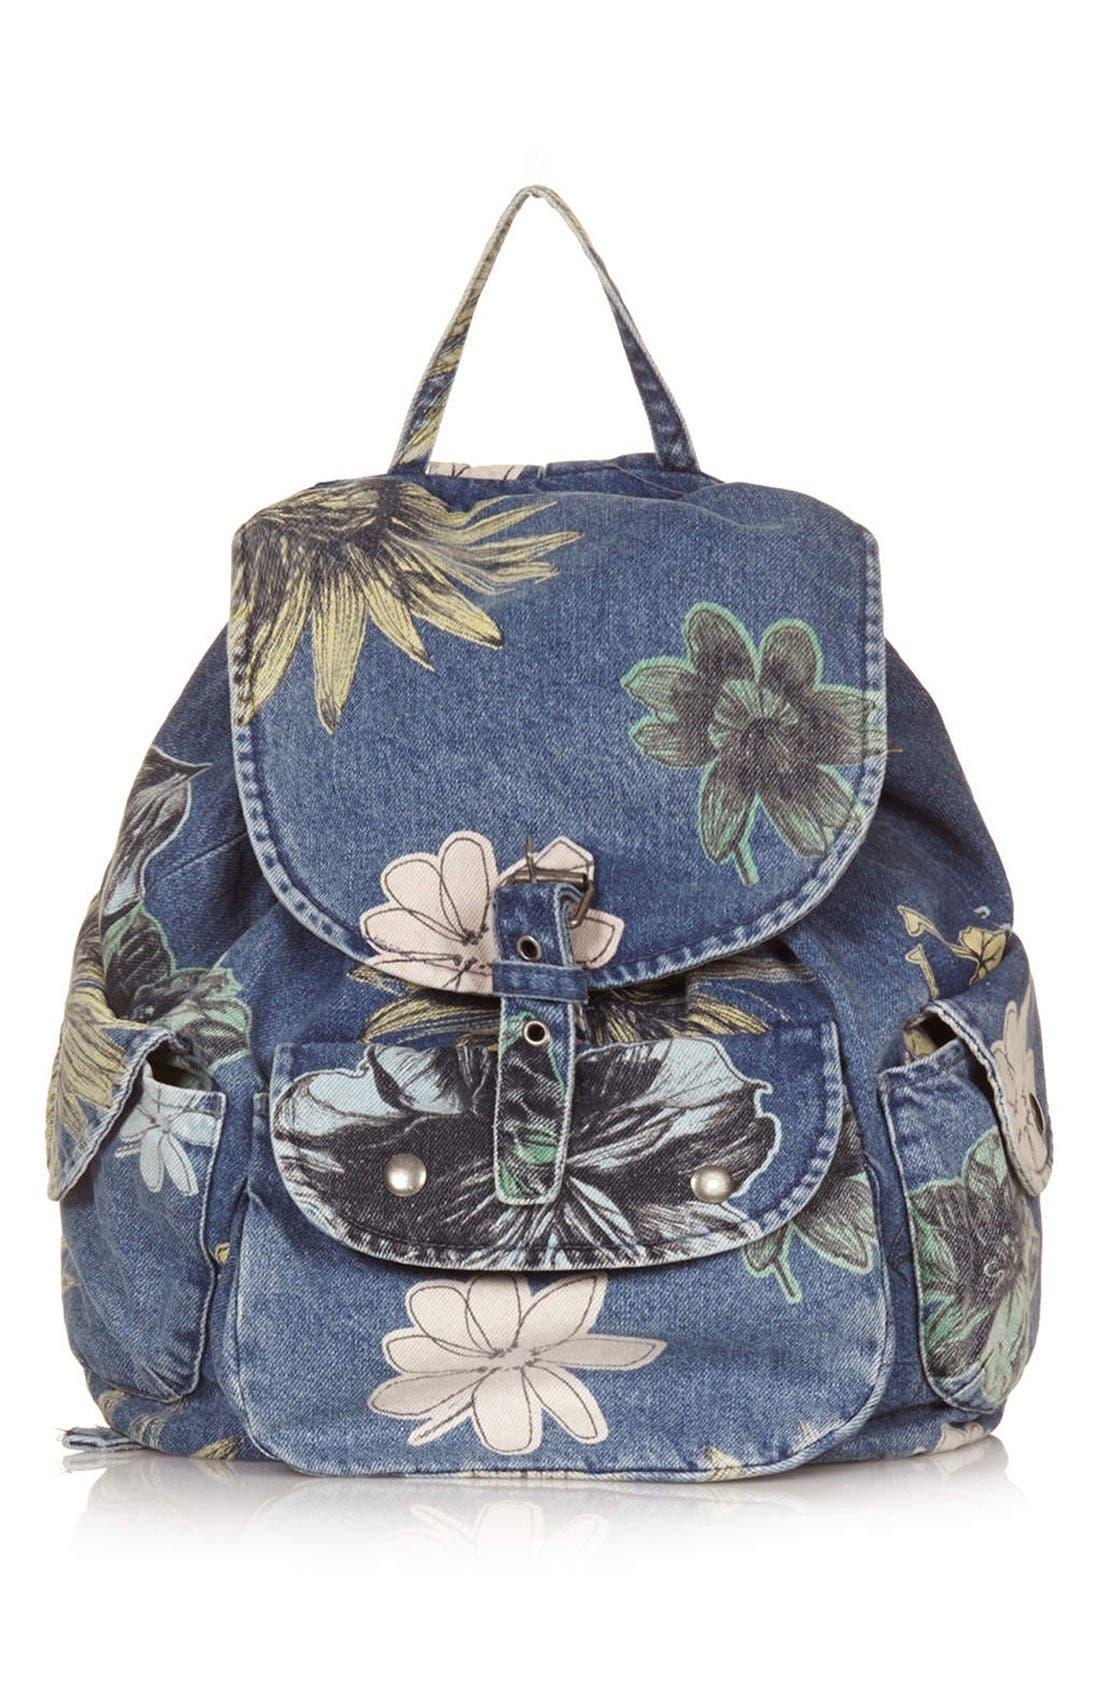 Alternate Image 1 Selected - Topshop 'Mom' Floral Denim Backpack